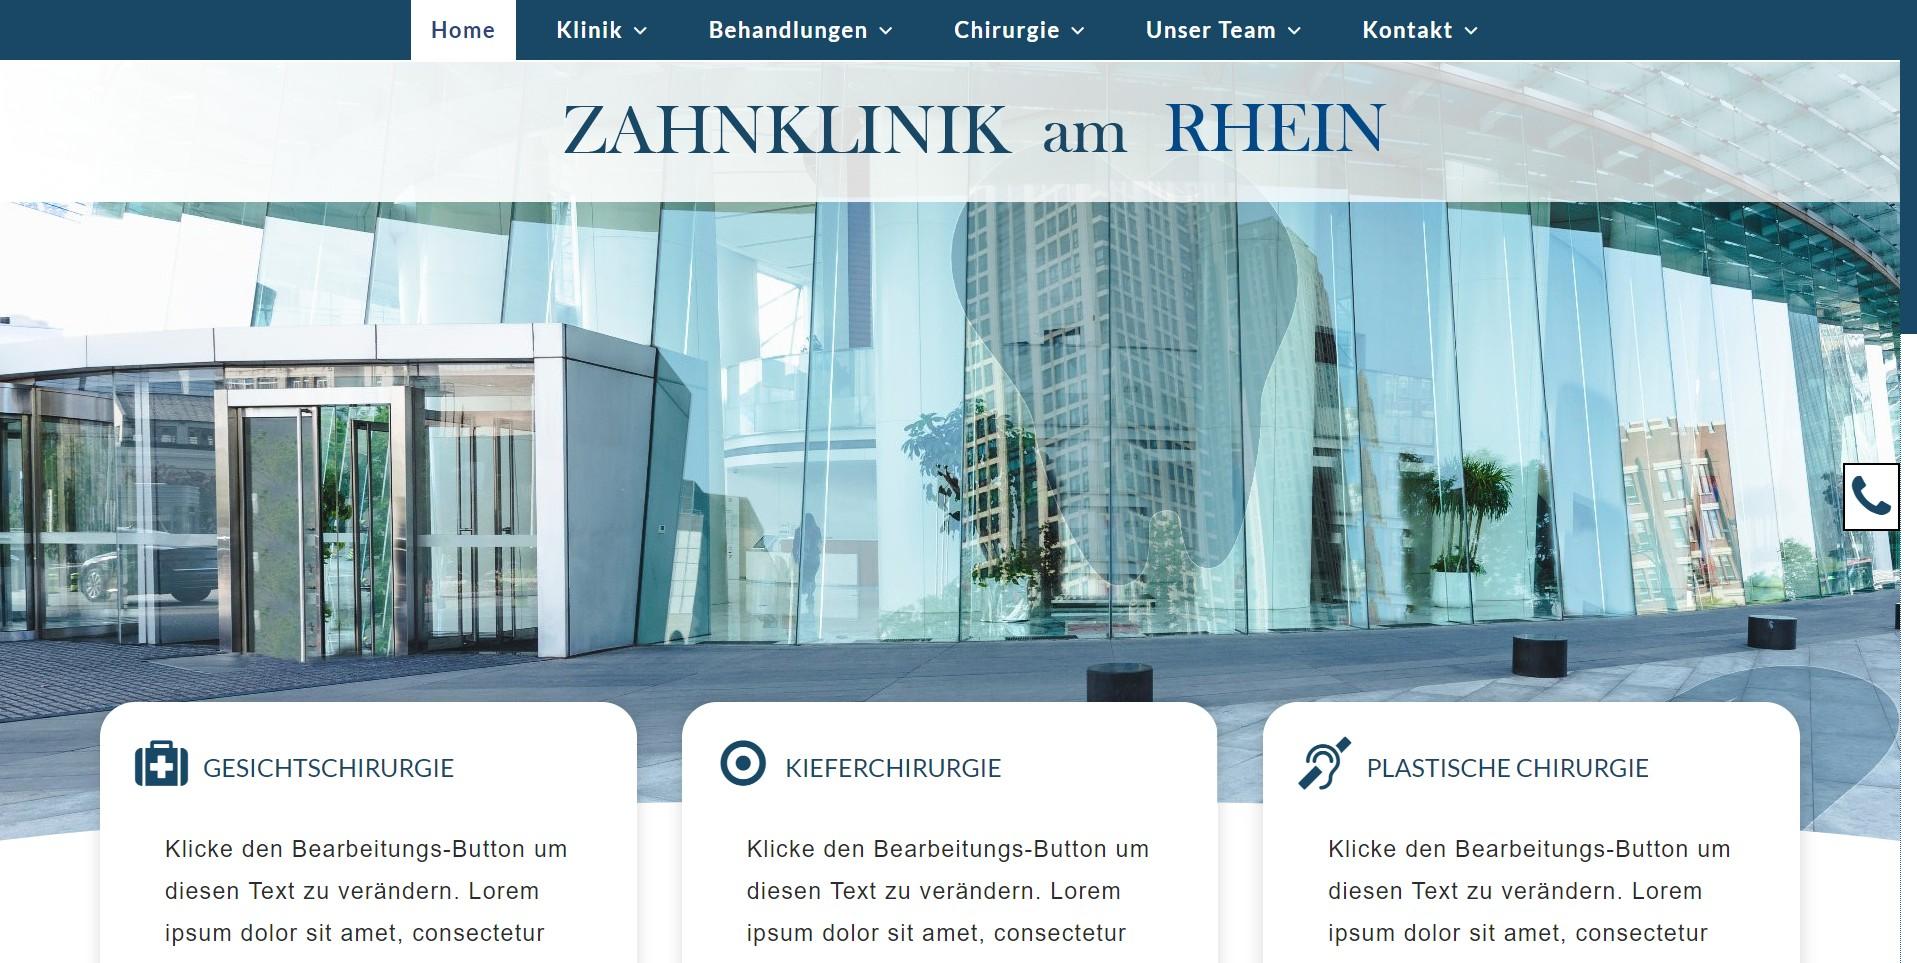 Klinik2.ch